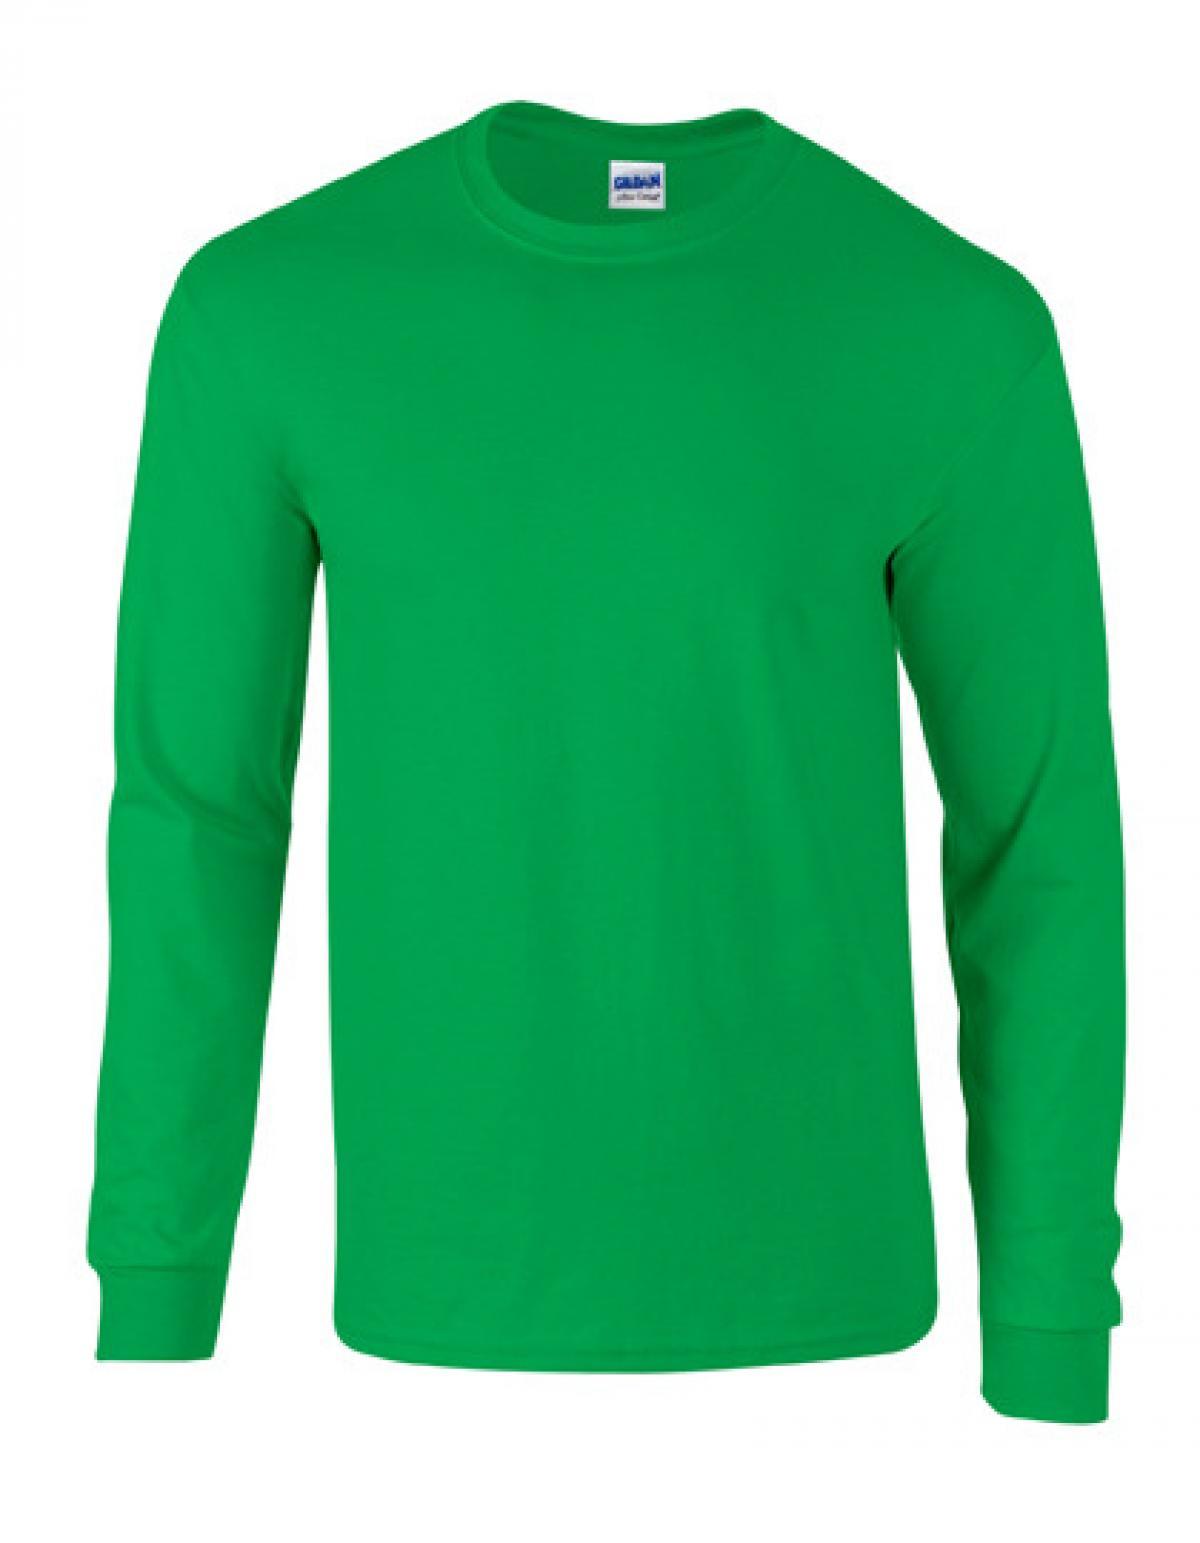 Ultra cotton long sleeve herren t shirt rexlander s for Long sleeve cotton tee shirts